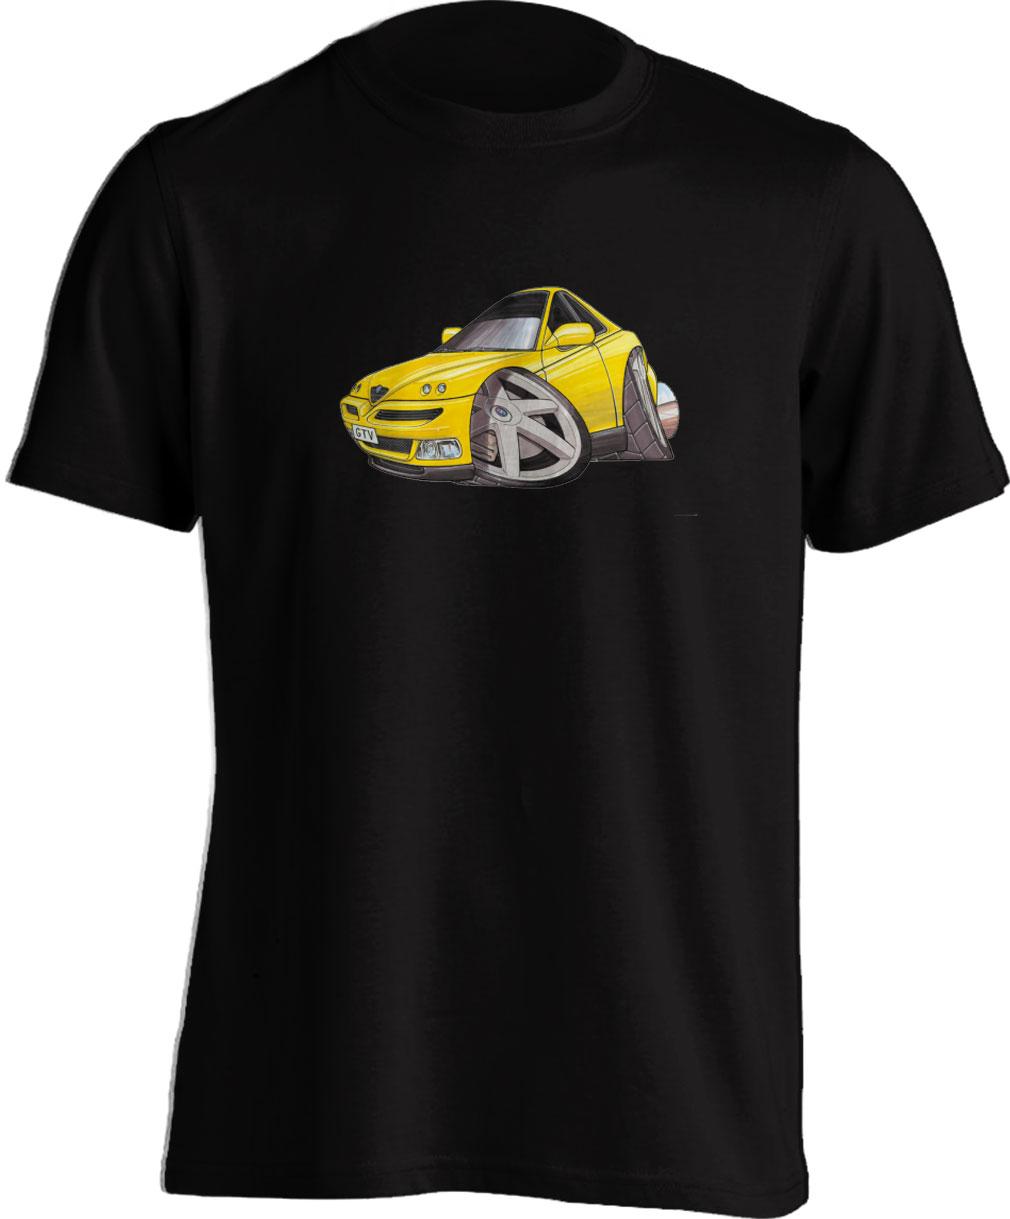 Koolart GTV Yellow–350 Alfa Romeo Child's T Shirt